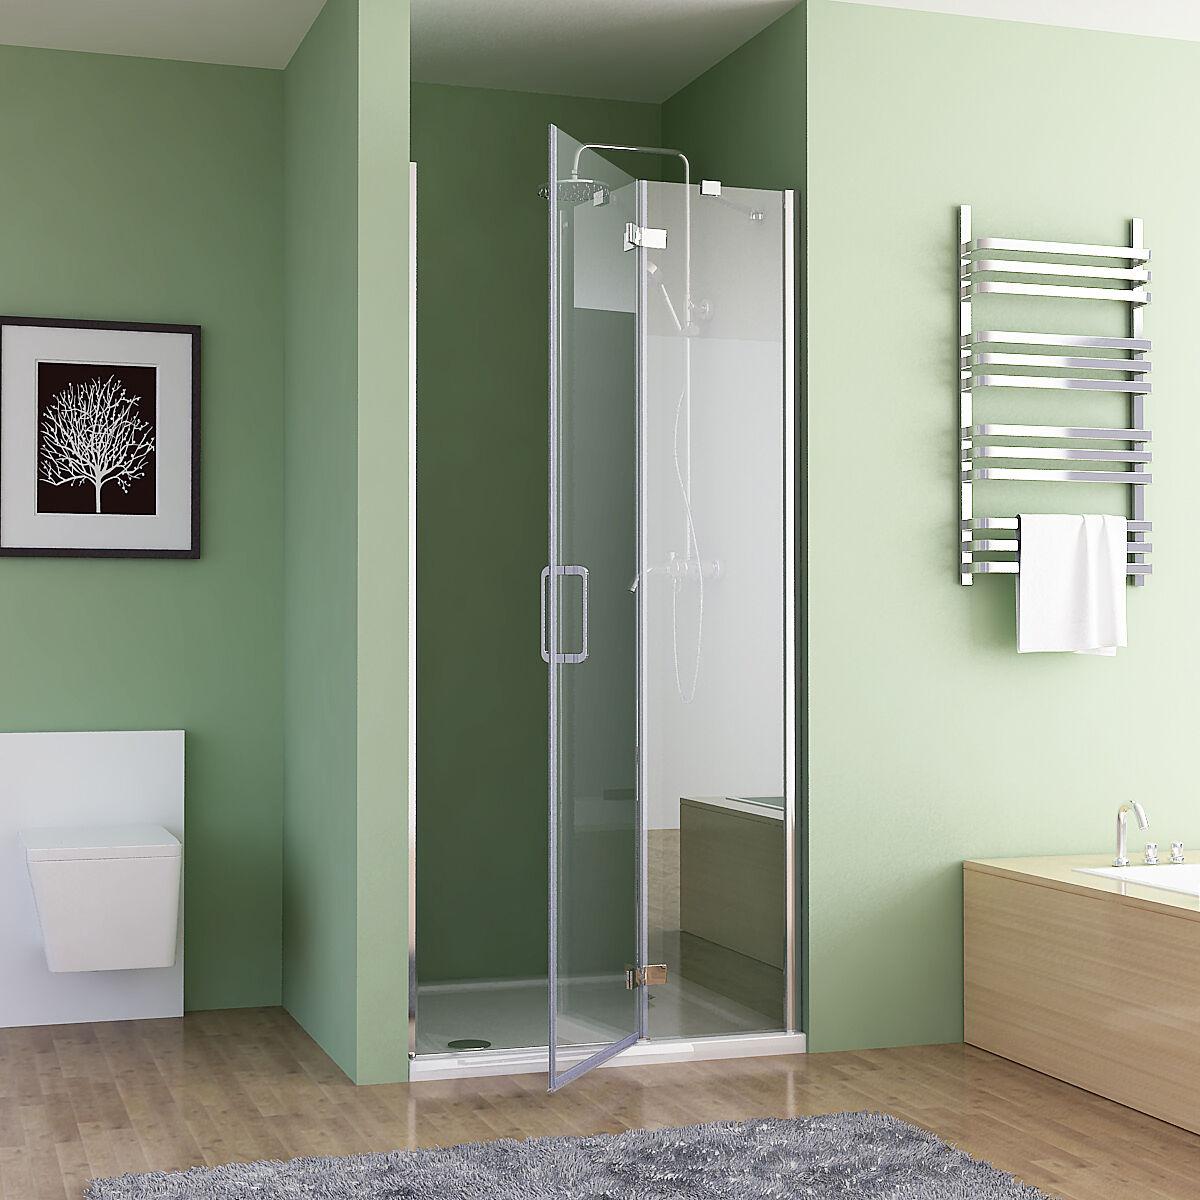 Dusche Nischent?r Faltt?r : Duschabtrennun g Faltt?r Duschwand Dusche NANO Glas 80-100 x 195 cm